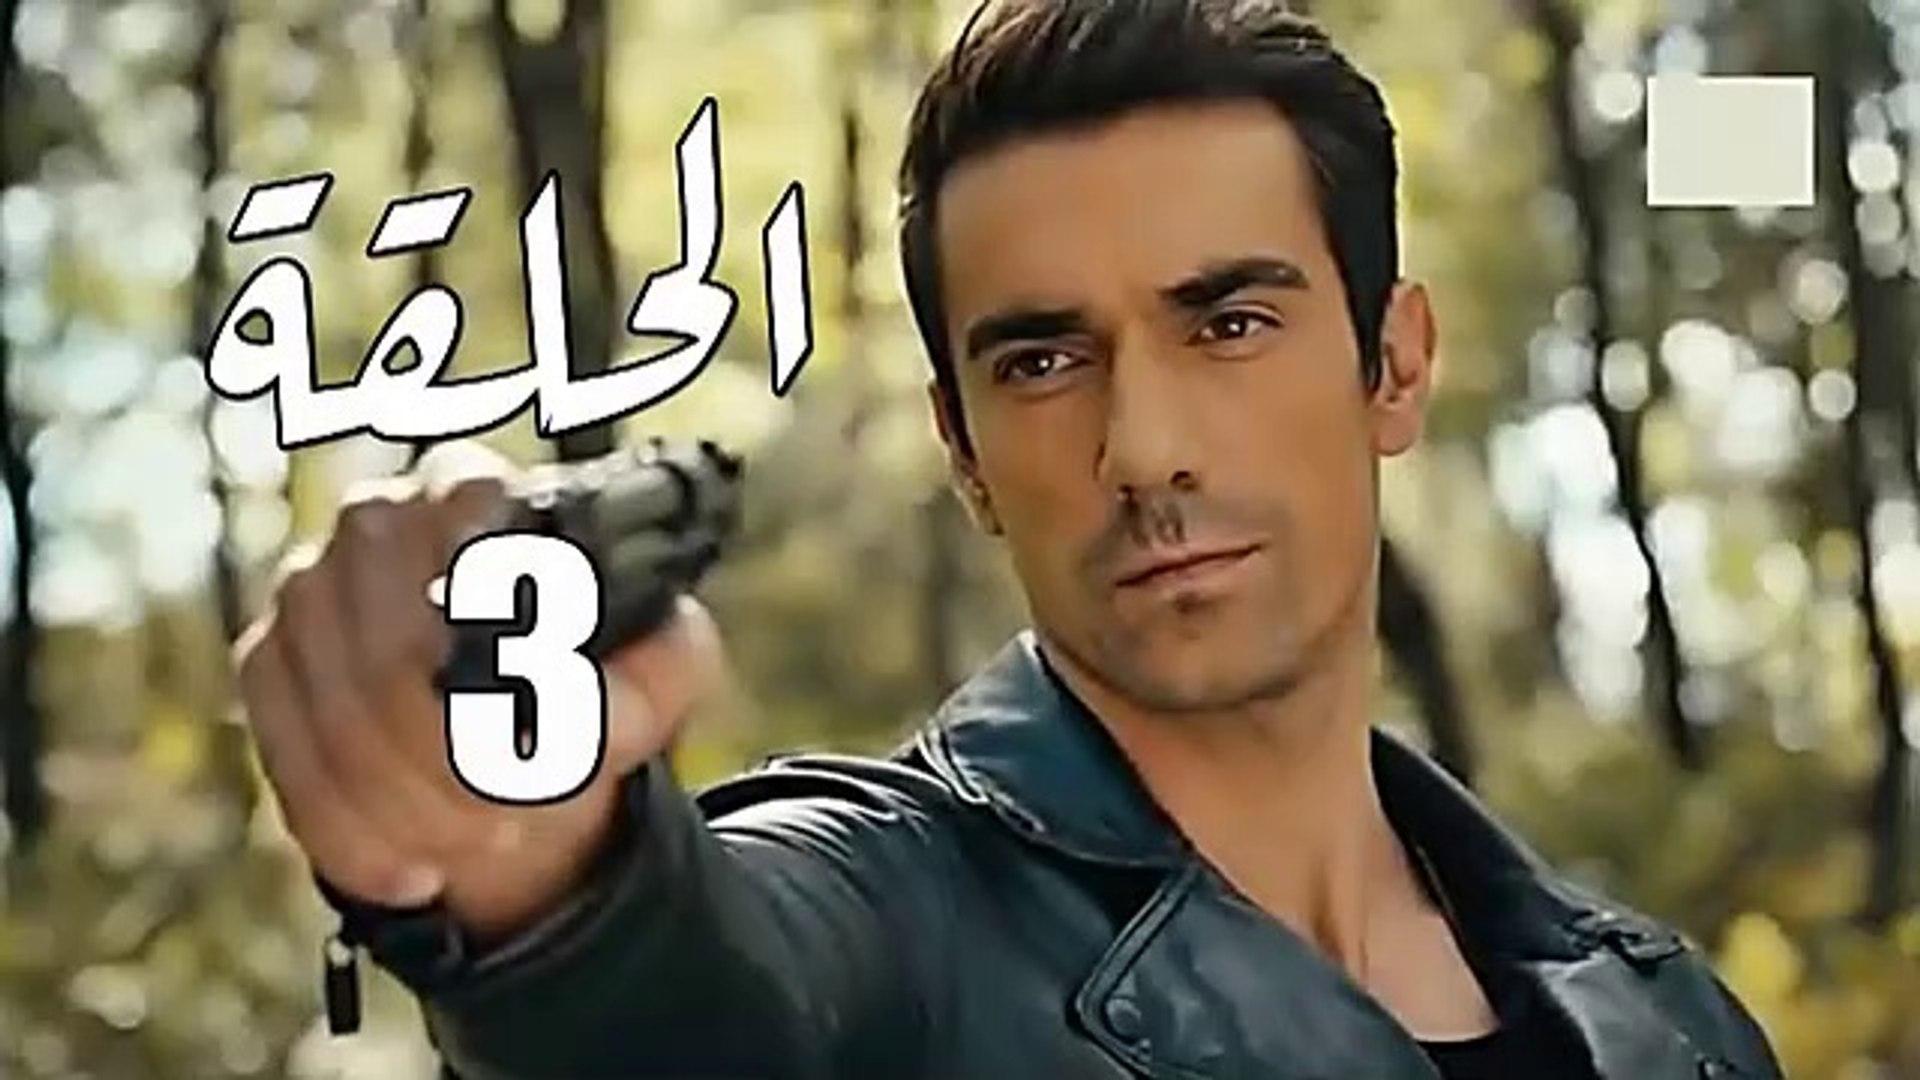 مسلسل حب أبيض أسود الحلقة 3 مدبلج بالمغربية فيديو Dailymotion